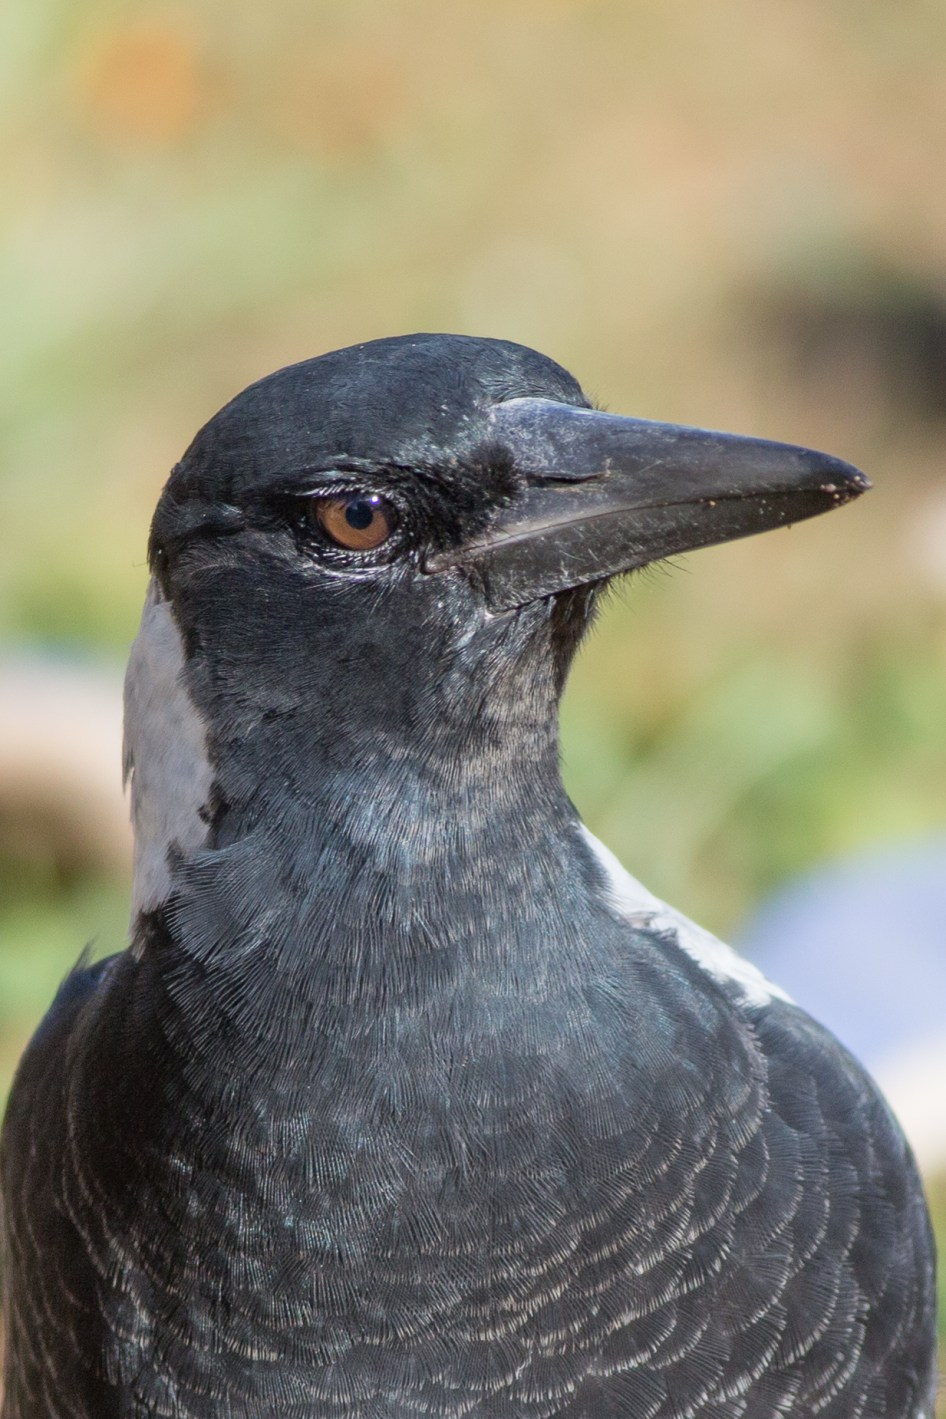 20170305_084515_birds_146a3618